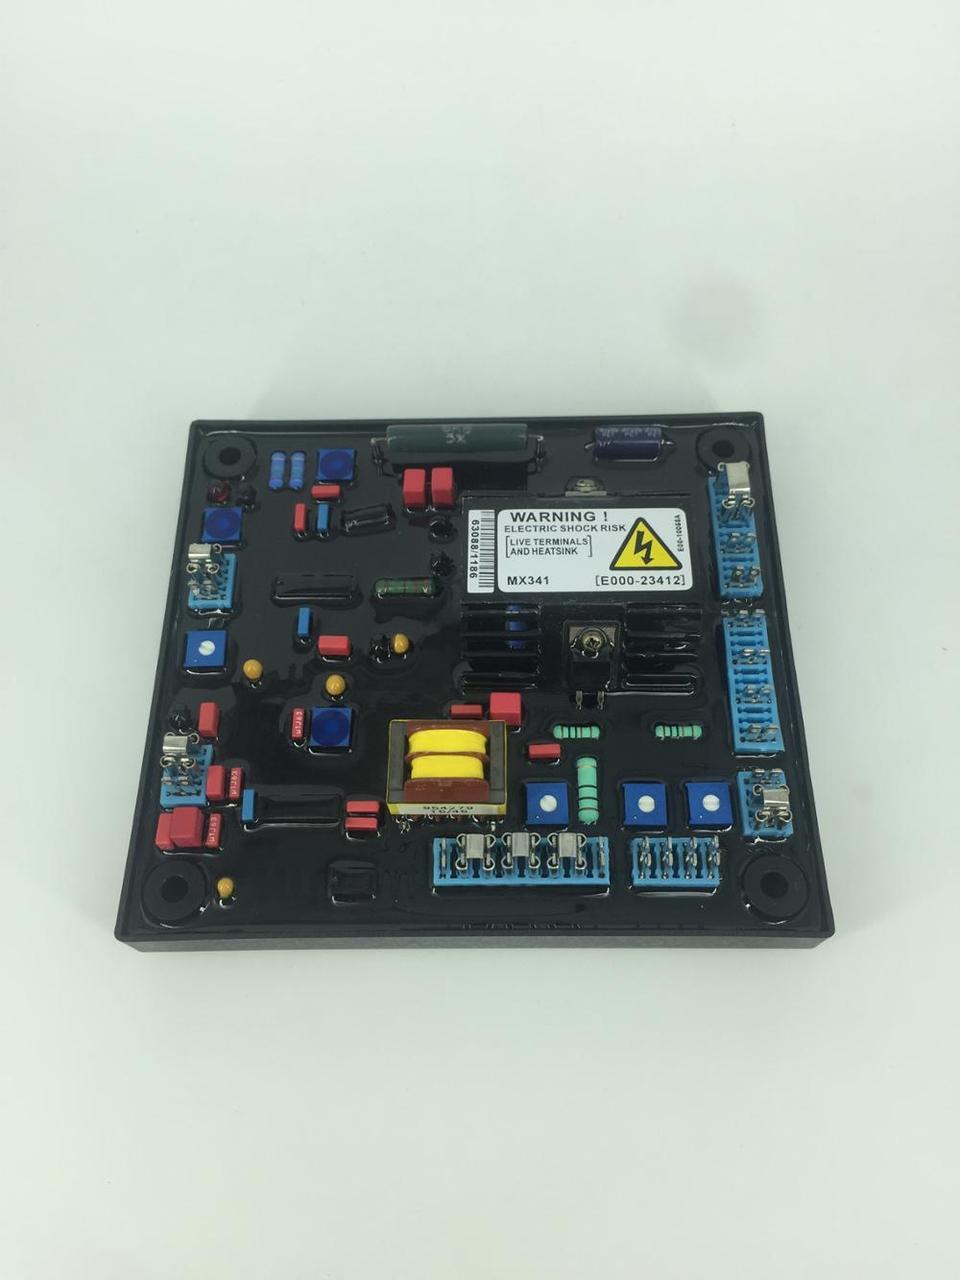 Newage Nupart трехфазный автоматический регулятор напряжения AVR MX341